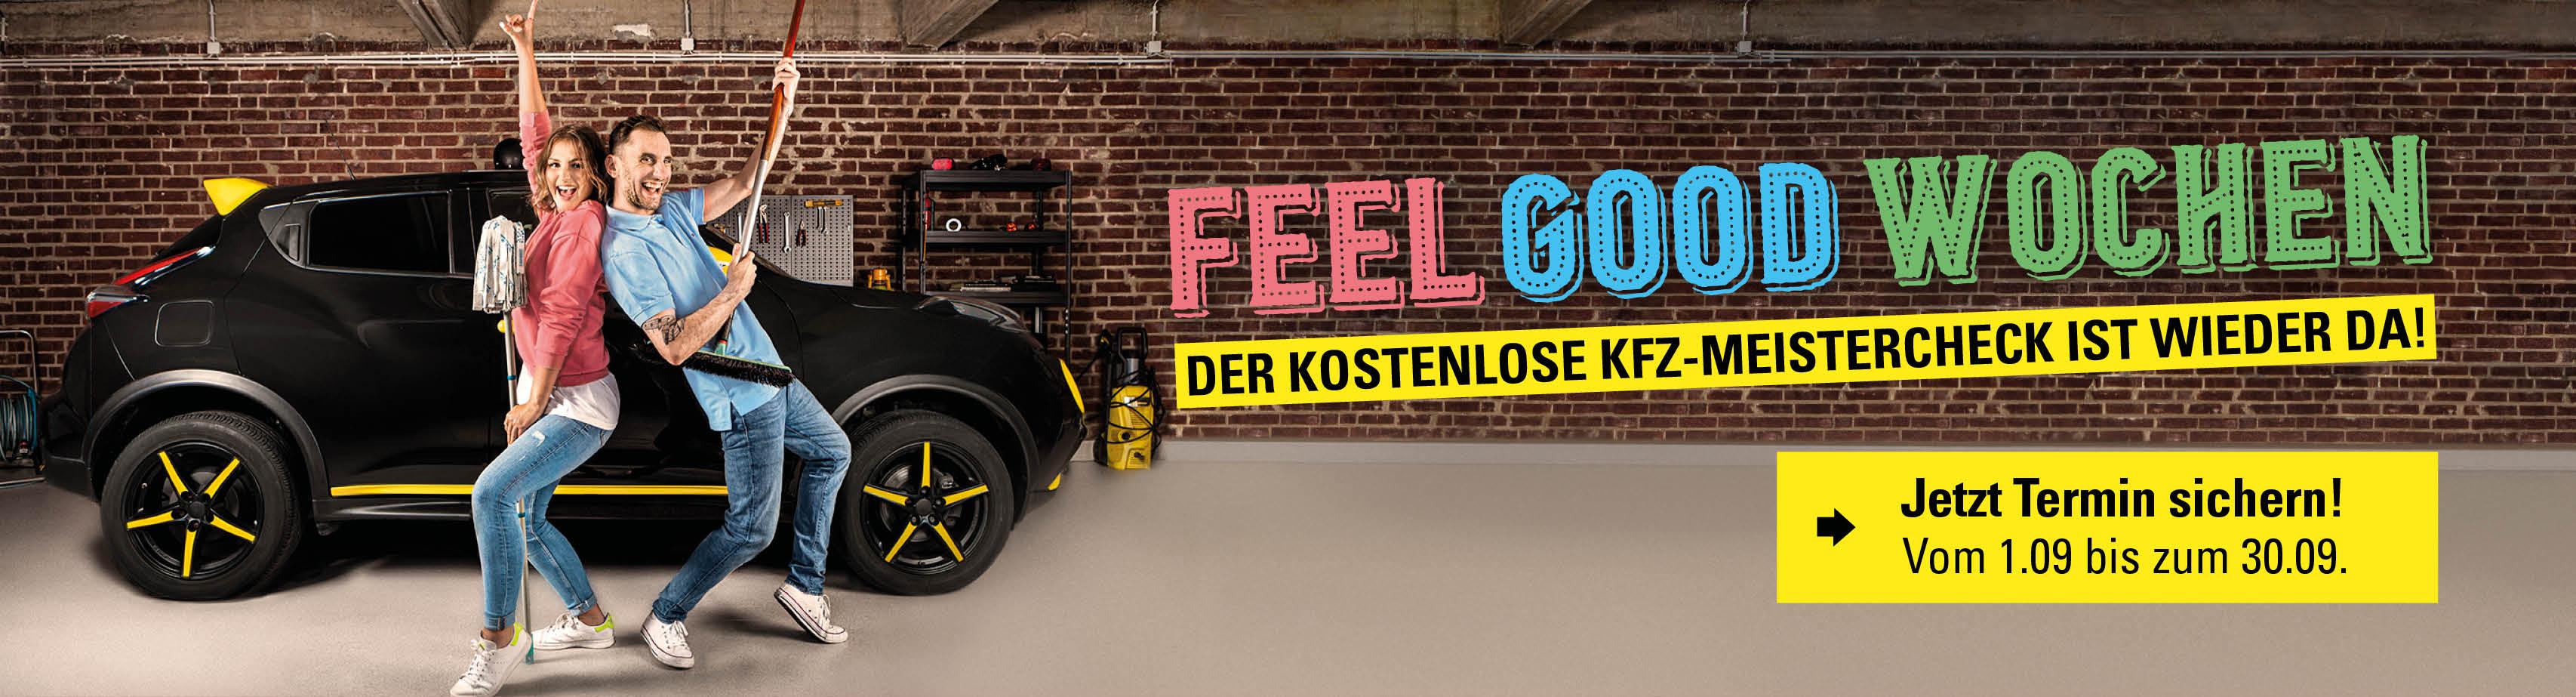 Vergölst Feel Good Wochen: Gratis Kfz-Meistercheck (398 Standorte in Deutschland)